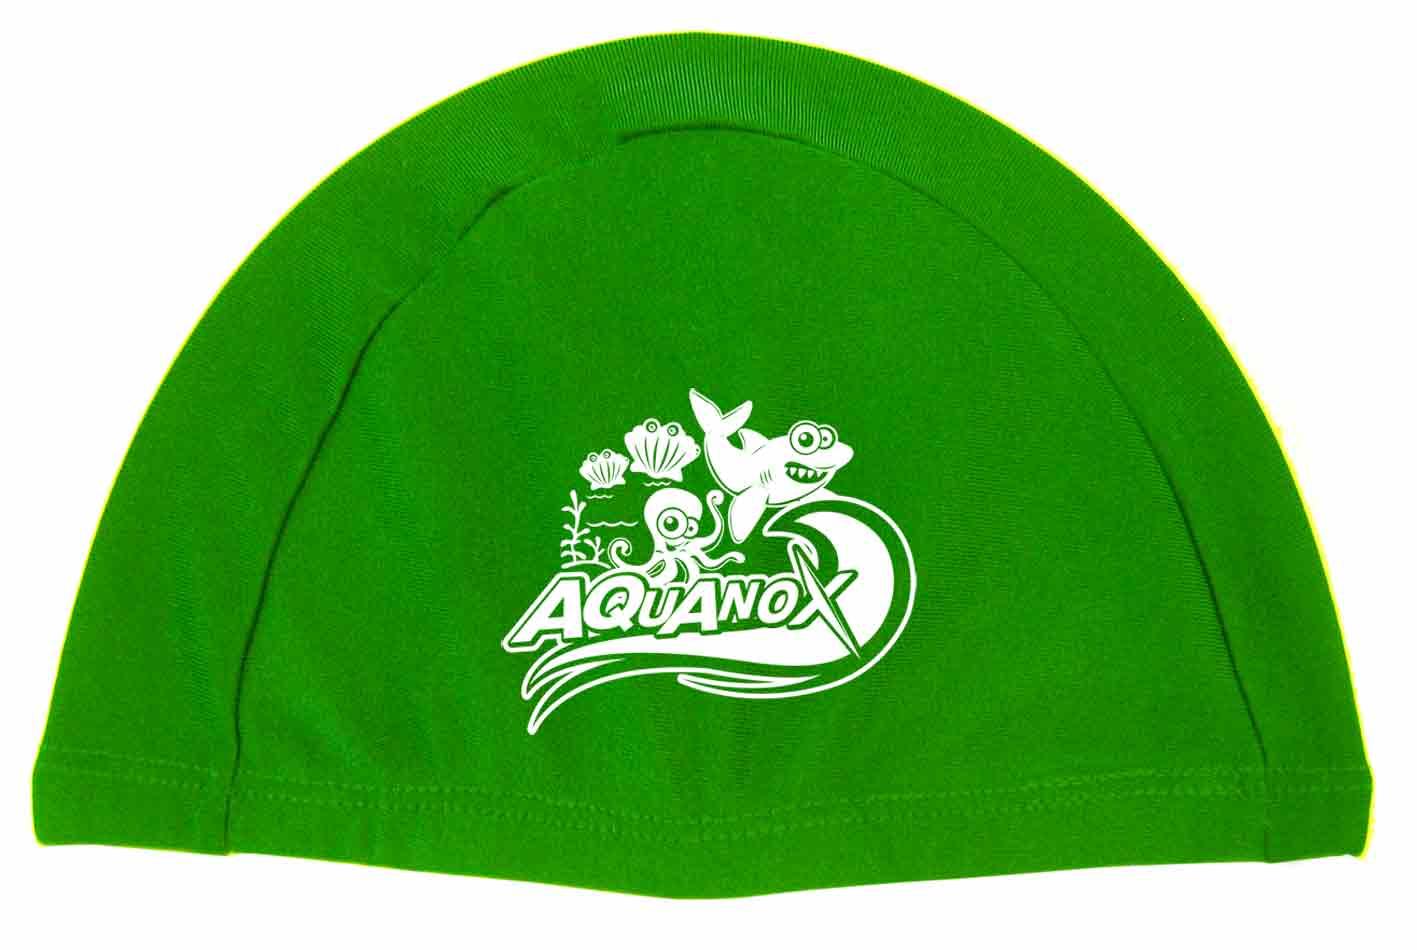 หมวกว่ายน้ำเด็กผ้าไลครา AQUANOX